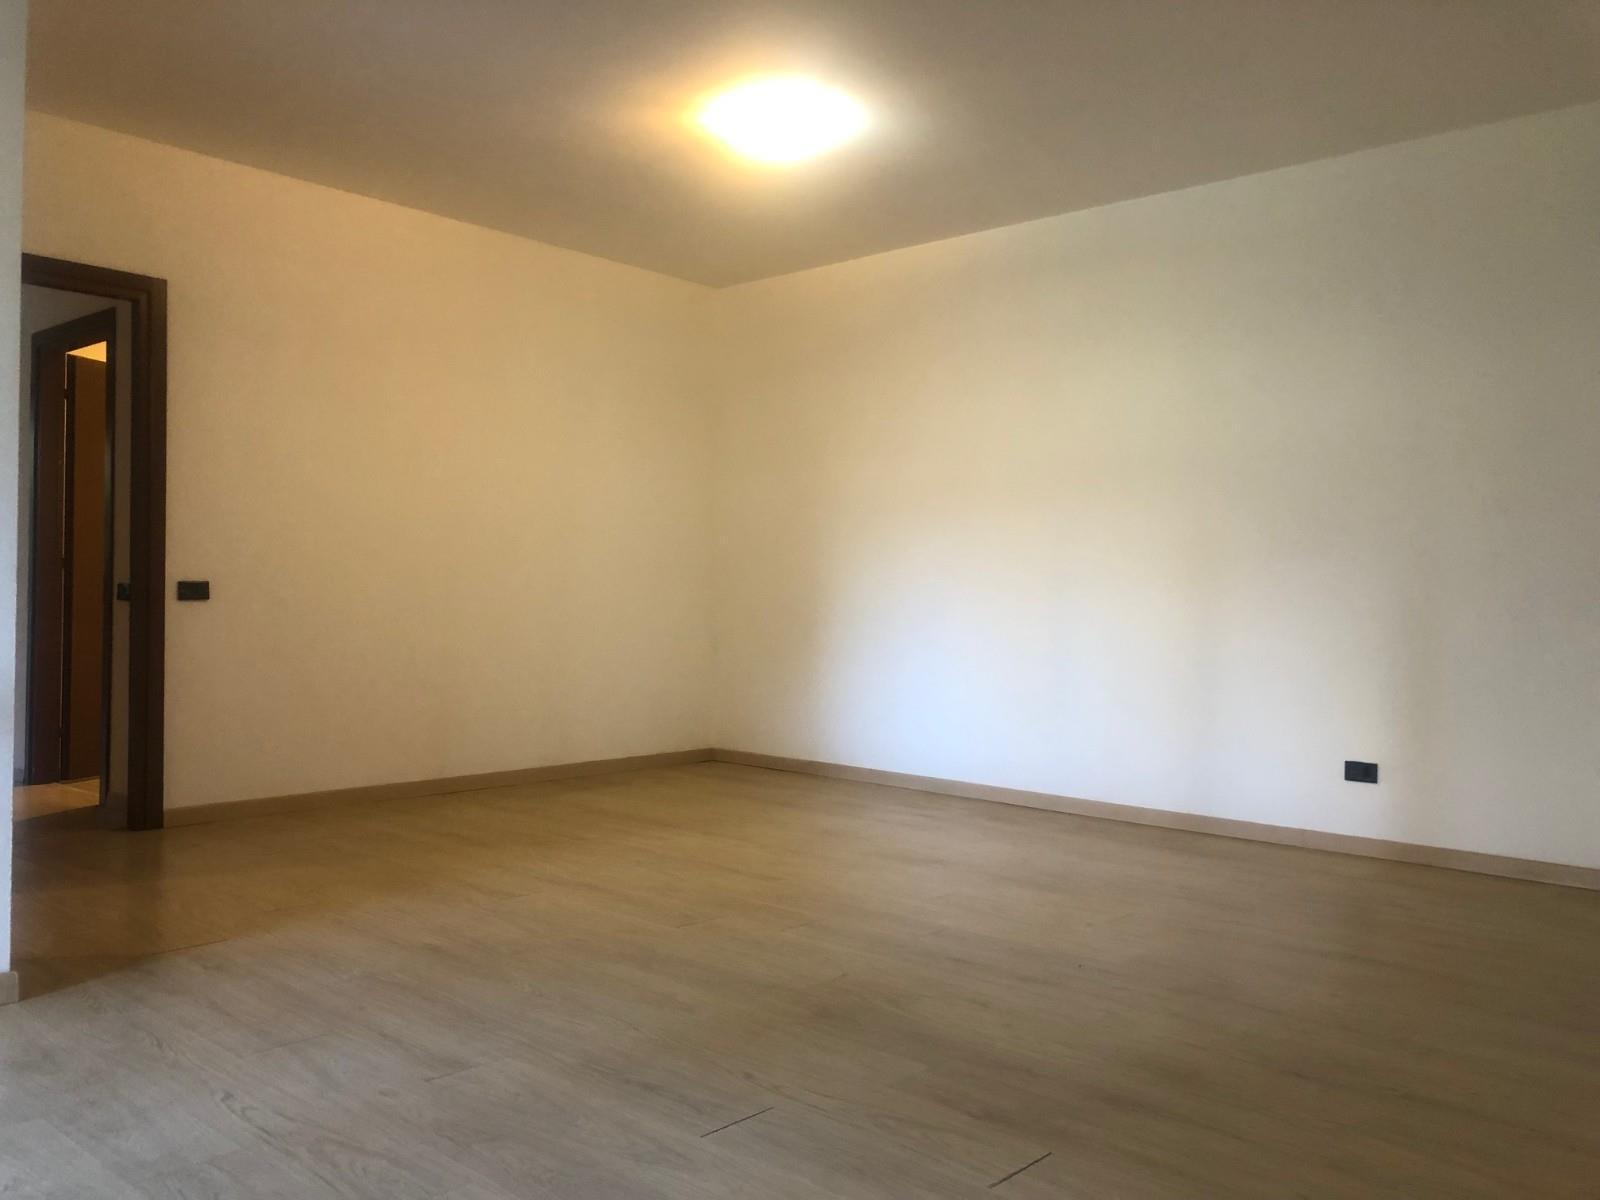 Foto 5 - Appartamento in Vendita - Lissone, Frazione Santa Margherita